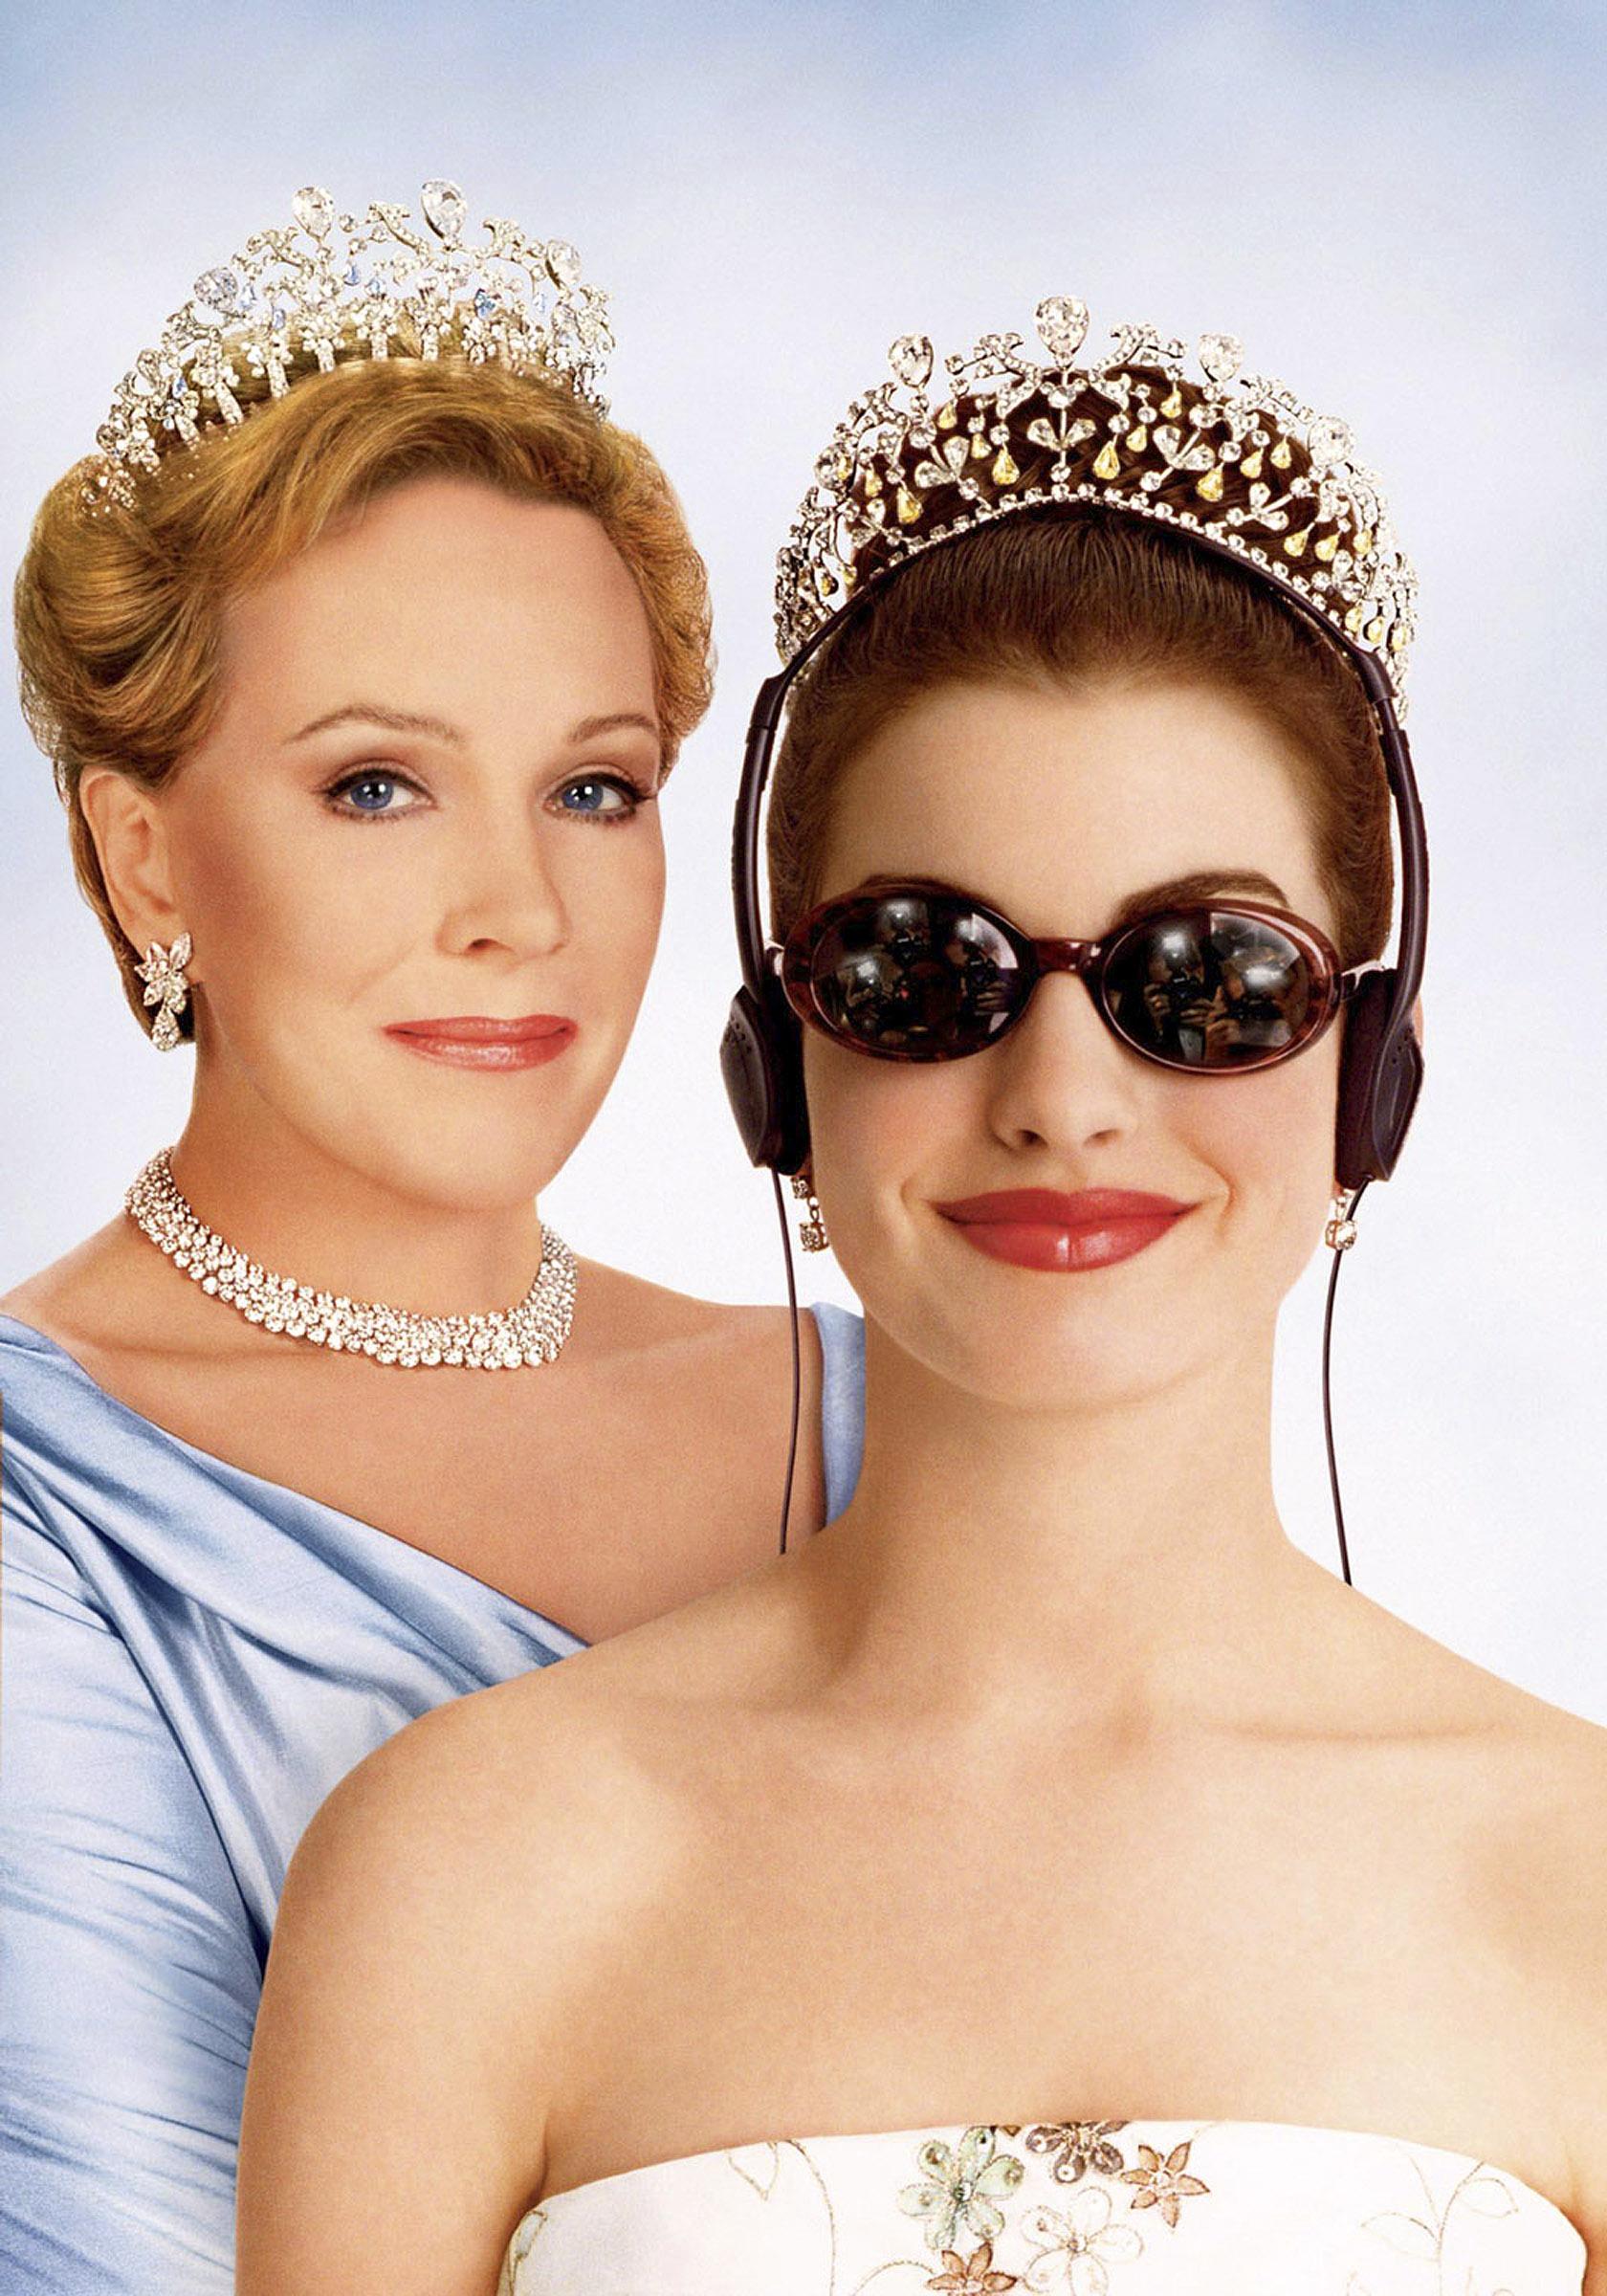 the princess diaries julie andrews anne hathaway